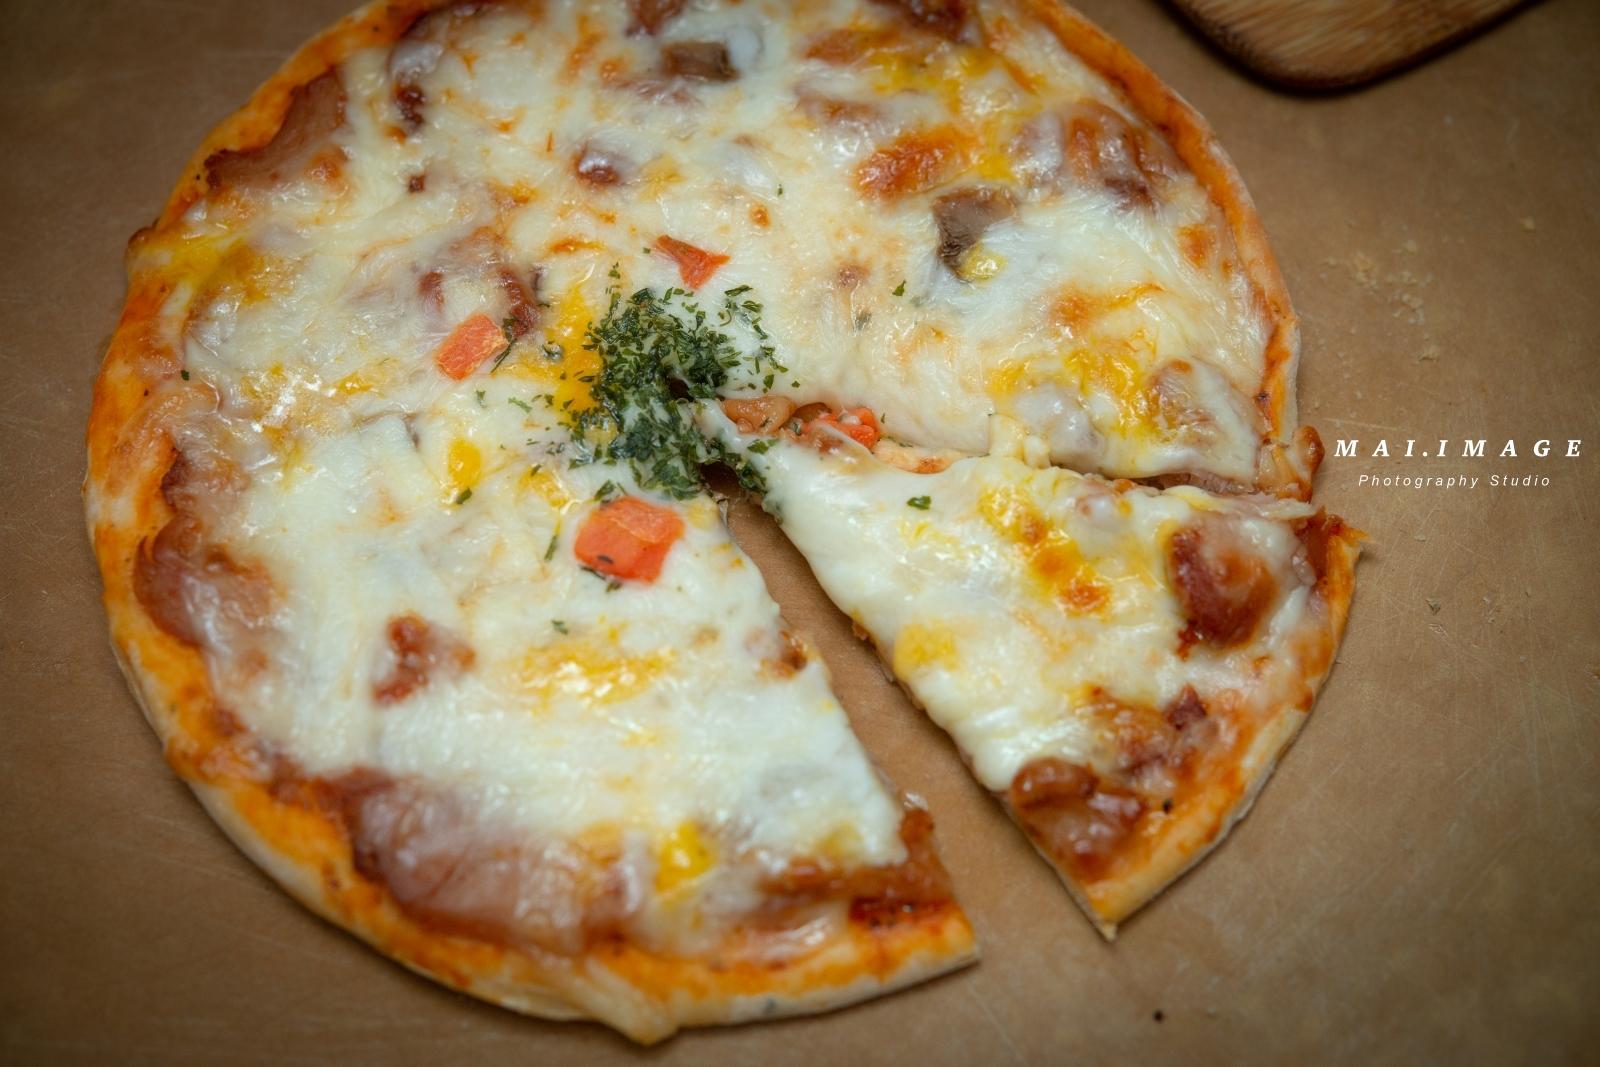 宅配美食|『瑪莉屋口袋比薩 Mary House』小資上班族團購看過來,一週賣出一棟101高度的網路比薩,健康少油無負擔,家家必備